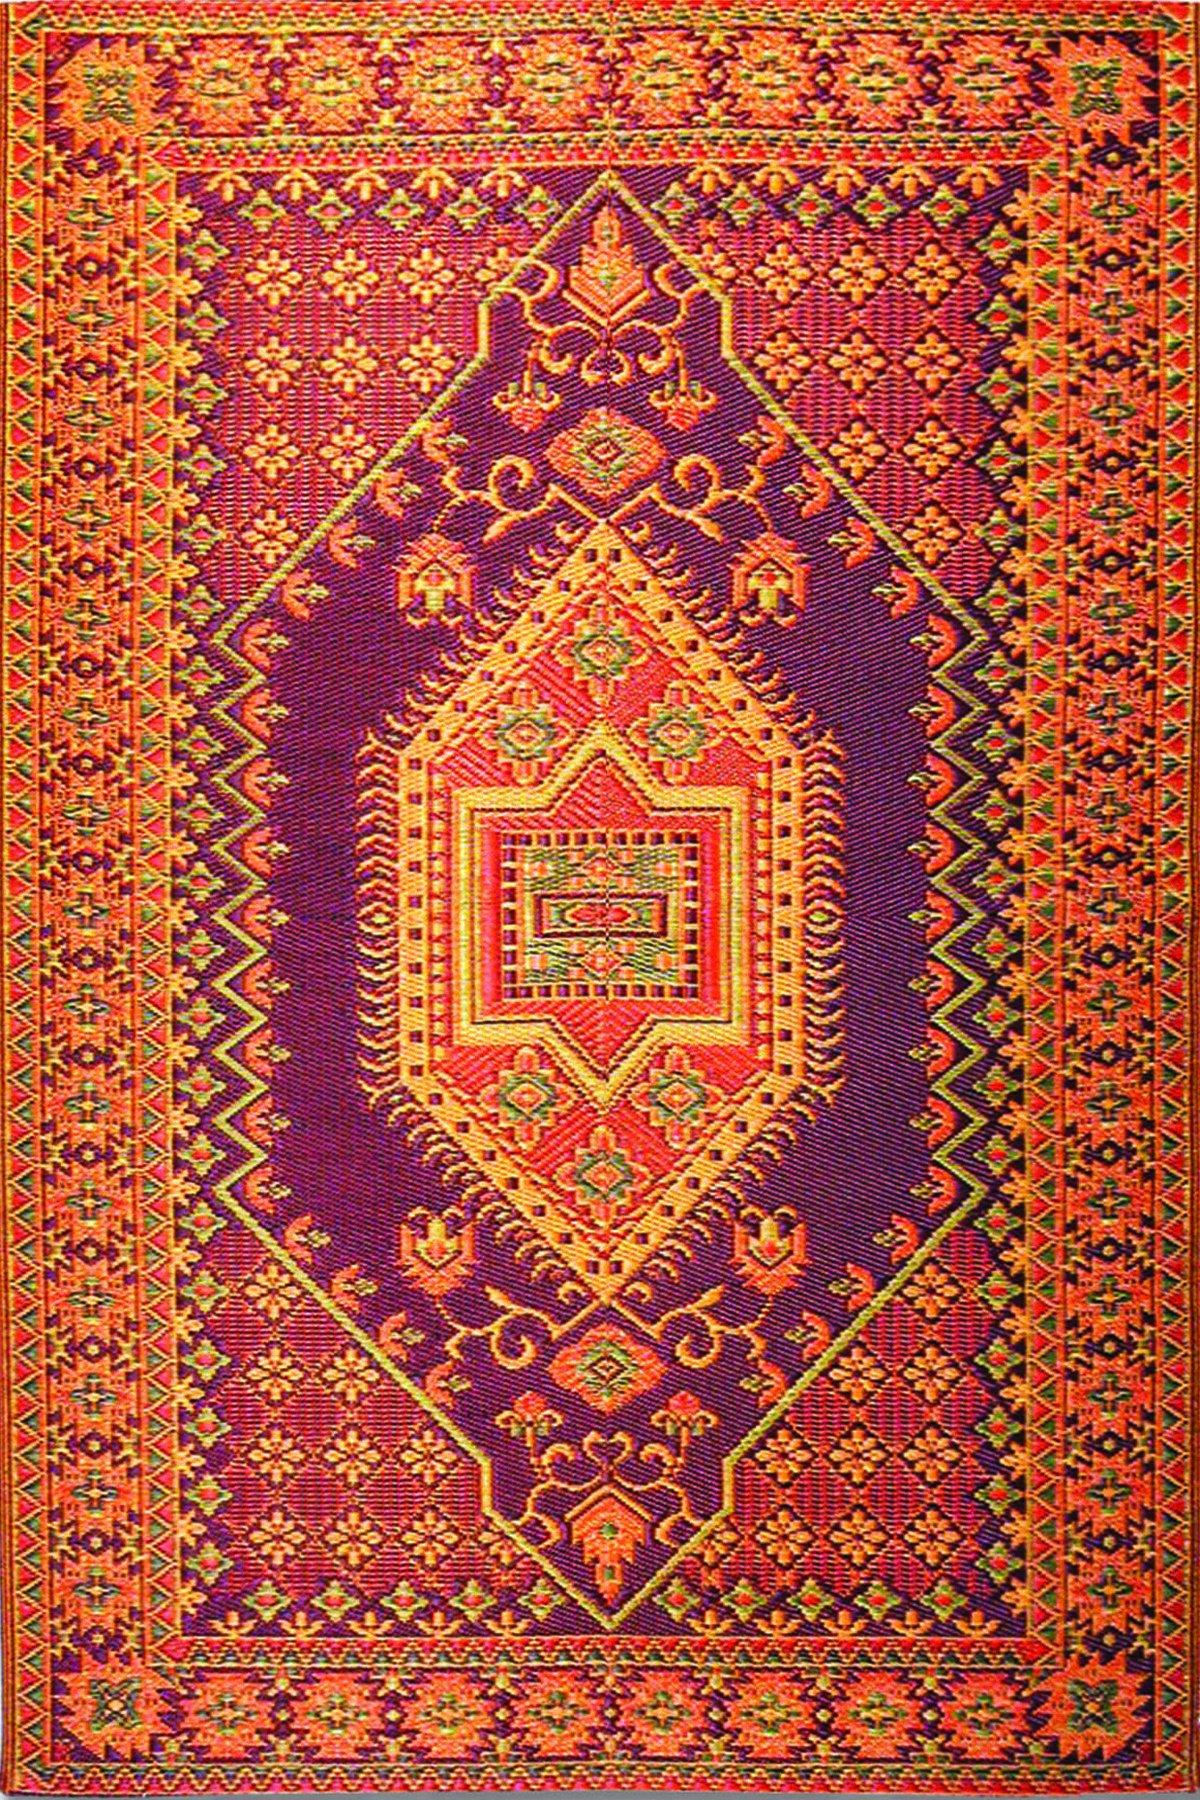 Mad Mats Oriental Turkish Indoor/Outdoor Floor Mat, 6 by 9-Feet, Rust